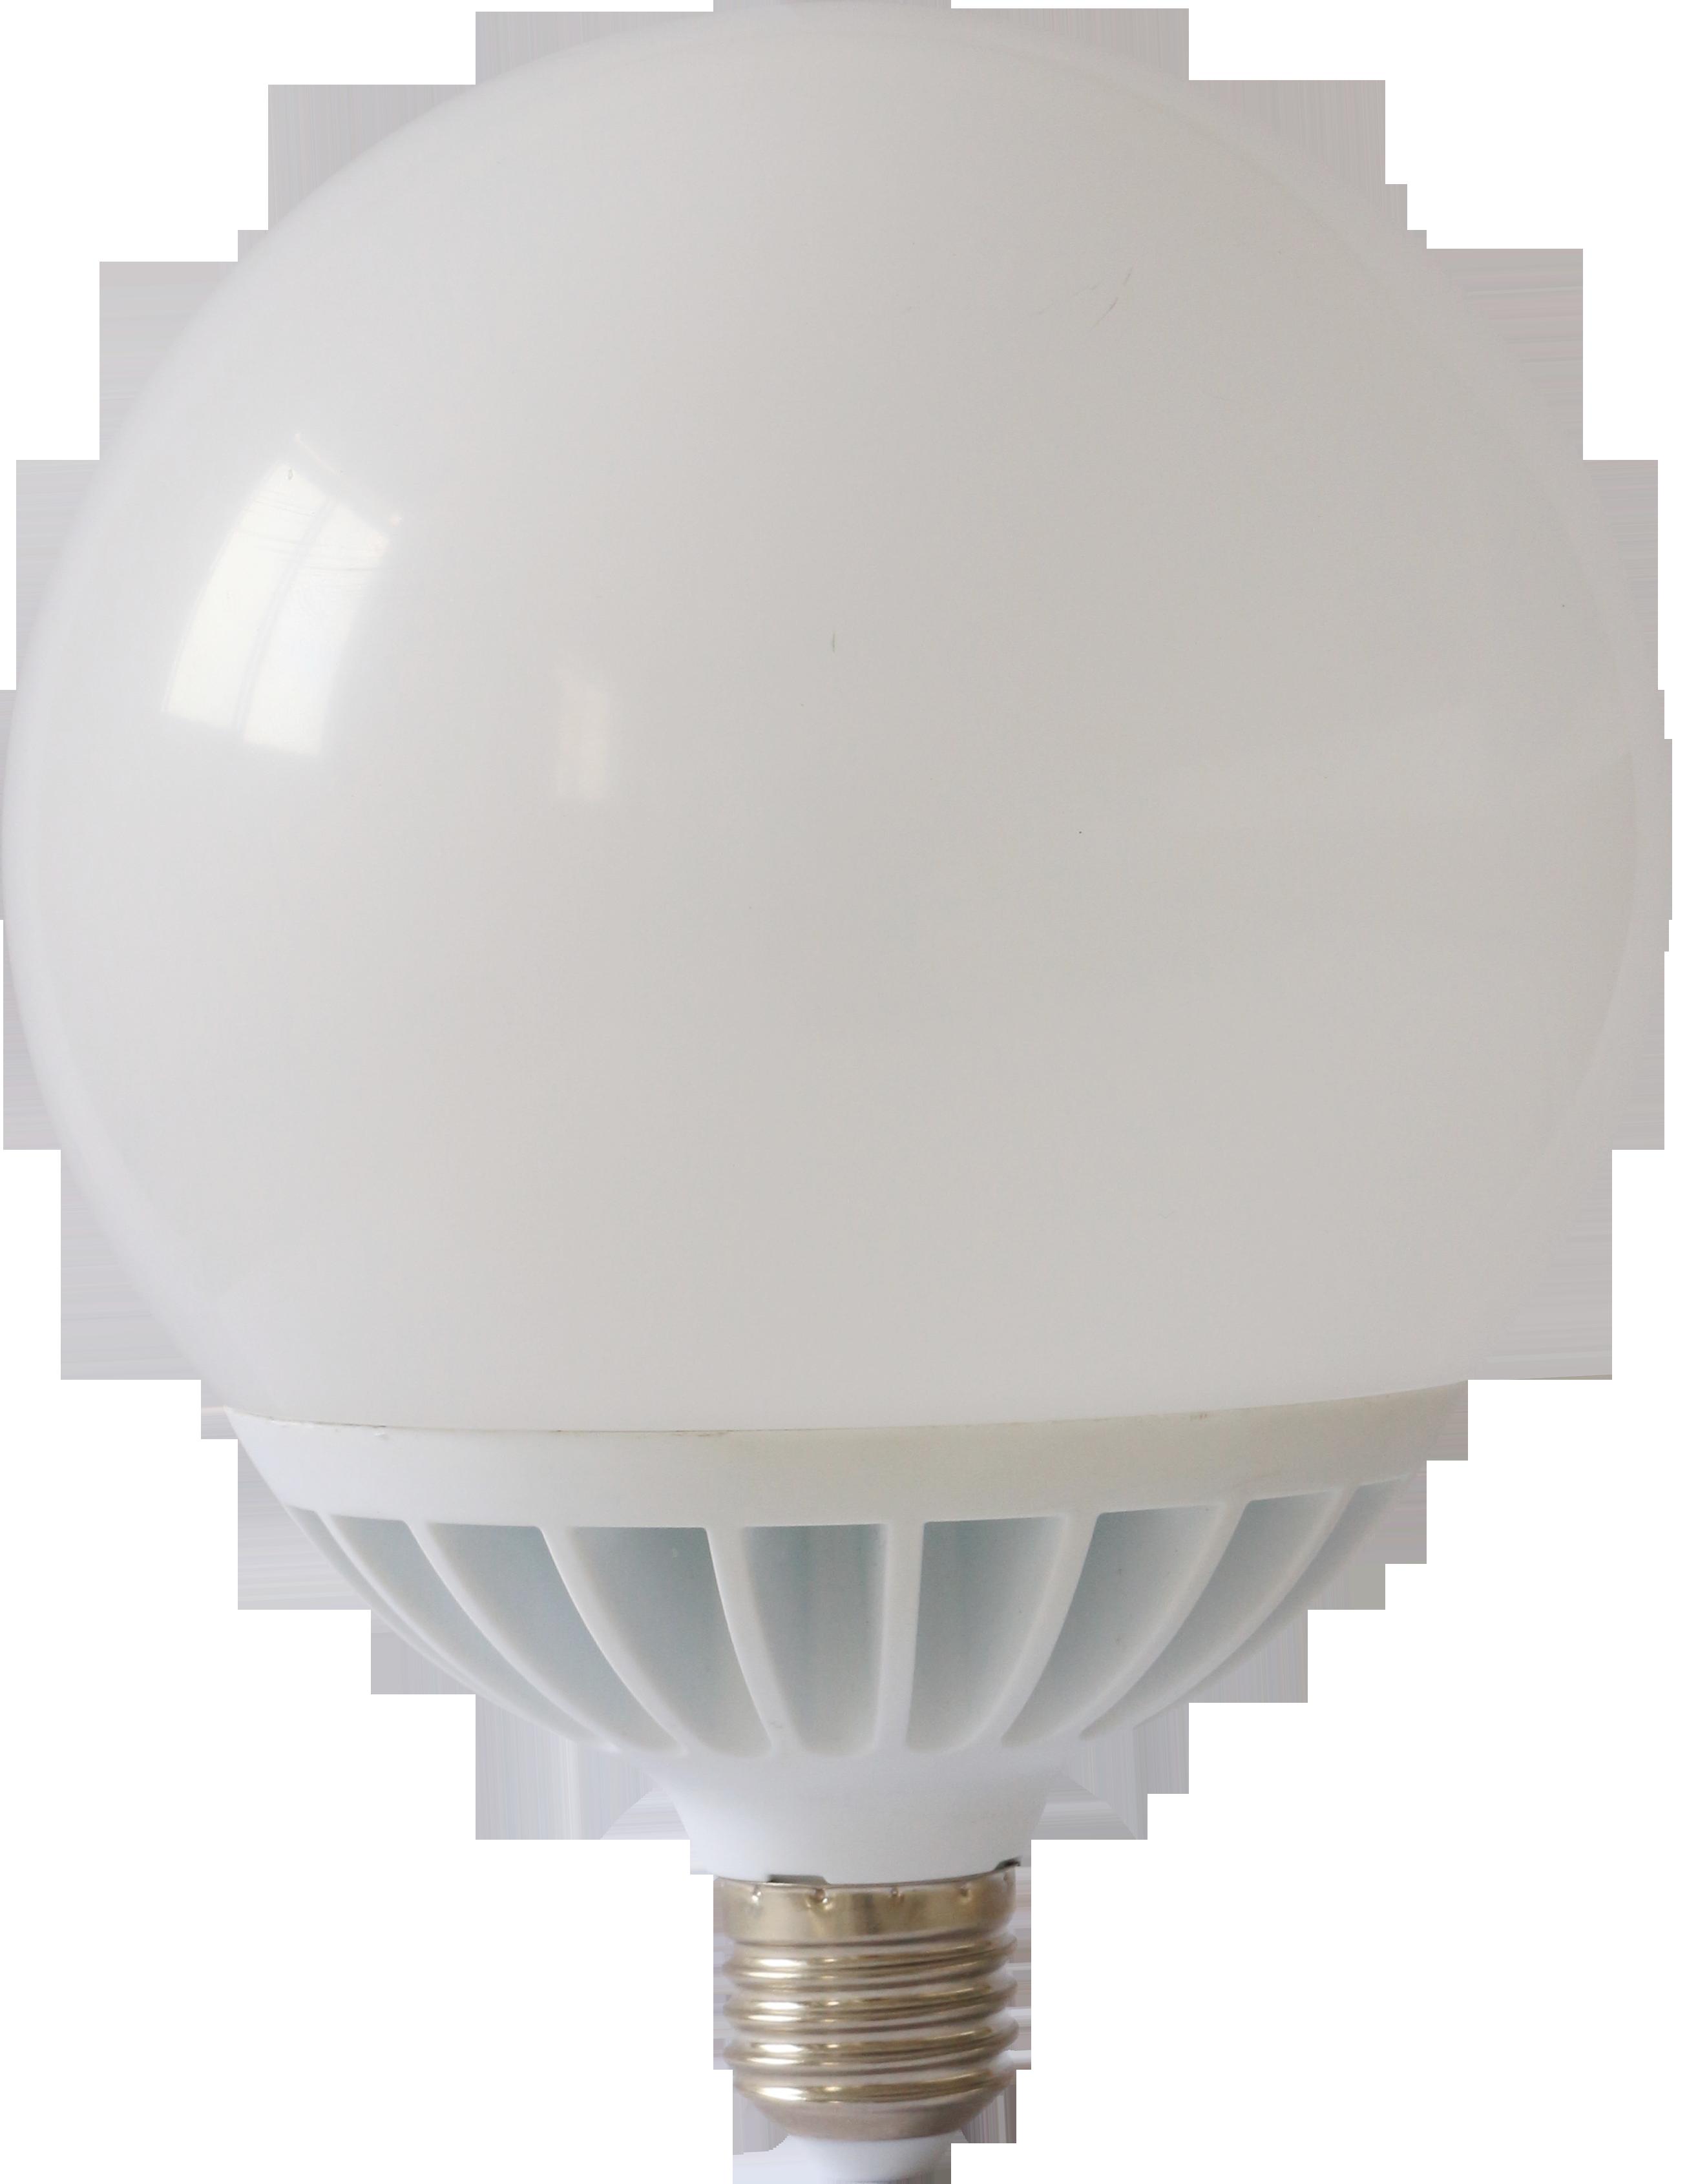 Светодиодная лампа VKlux BK-27W17G12Светодиодные лампы<br><br><br>Тип: светодиодная лампа<br>Тип цоколя: E27<br>Рабочее напряжение, В: 220<br>Мощность, Вт: 17<br>Световой поток, Лм: 1700<br>Цветовая температура, K: 3000<br>Угол раскрытия, °: 270